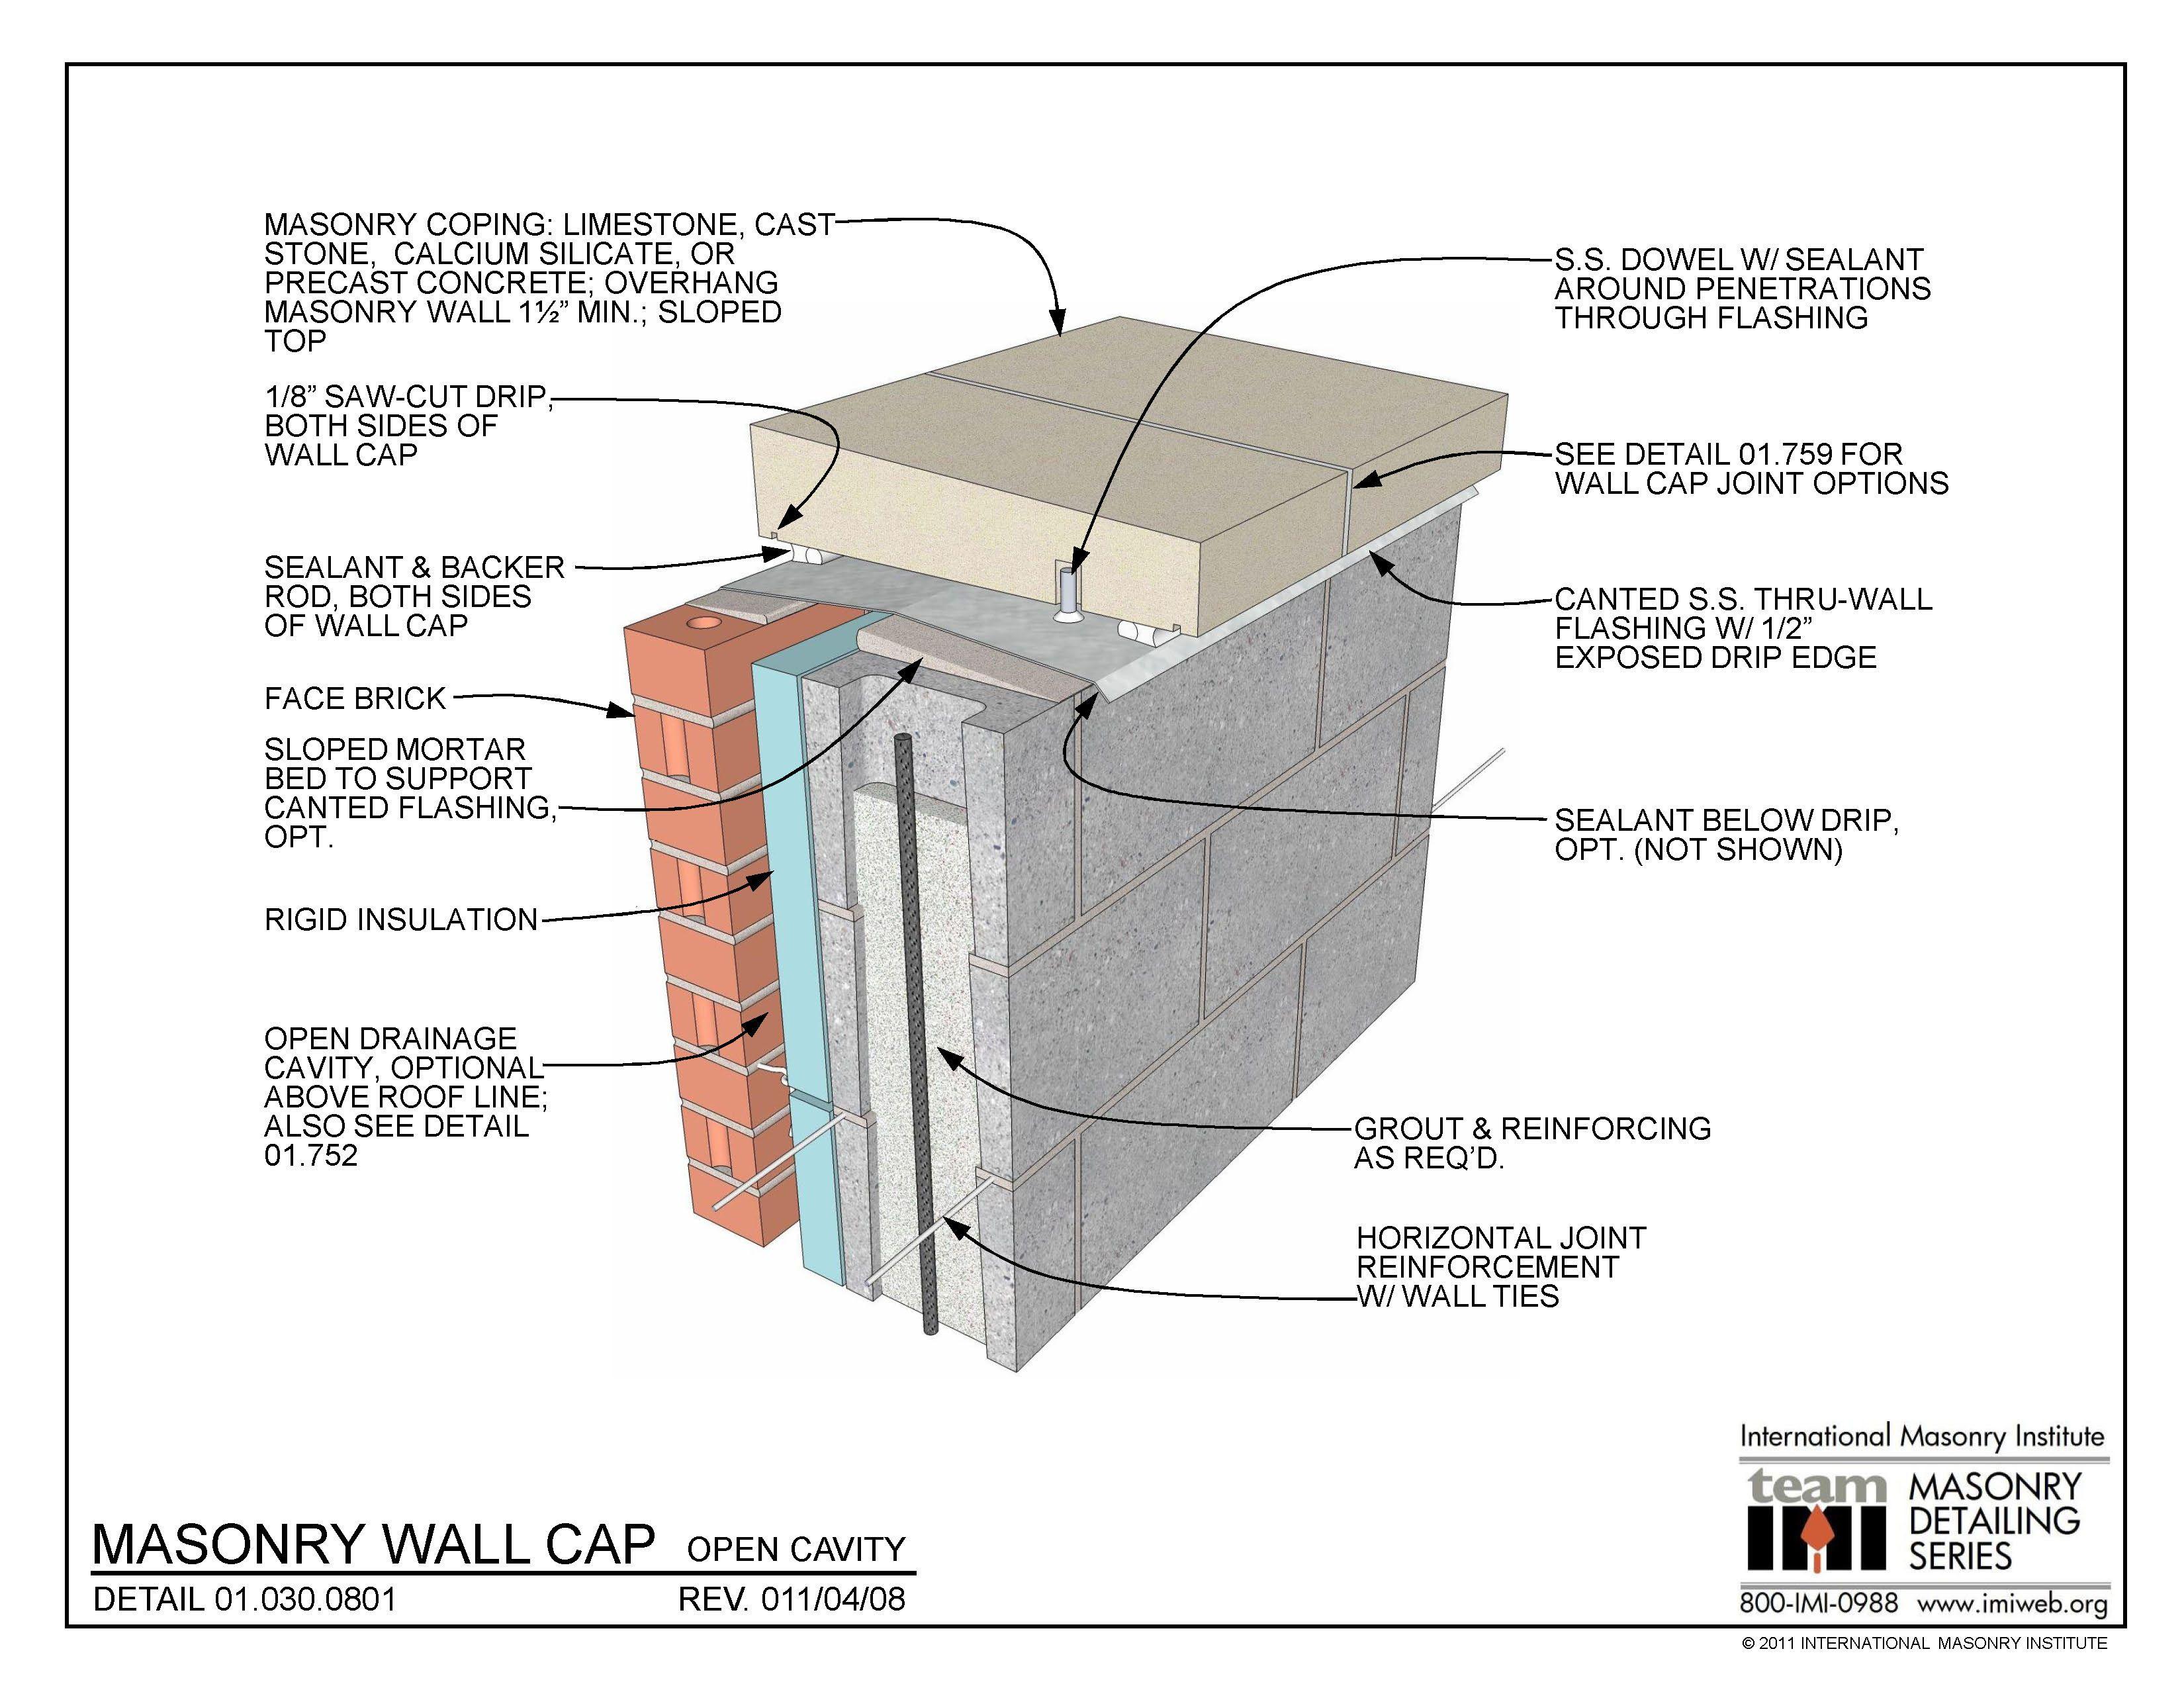 01 030 0801 Masonry Wall Cap Open Cavity International Masonry Institute Masonry Masonry Wall Parapet